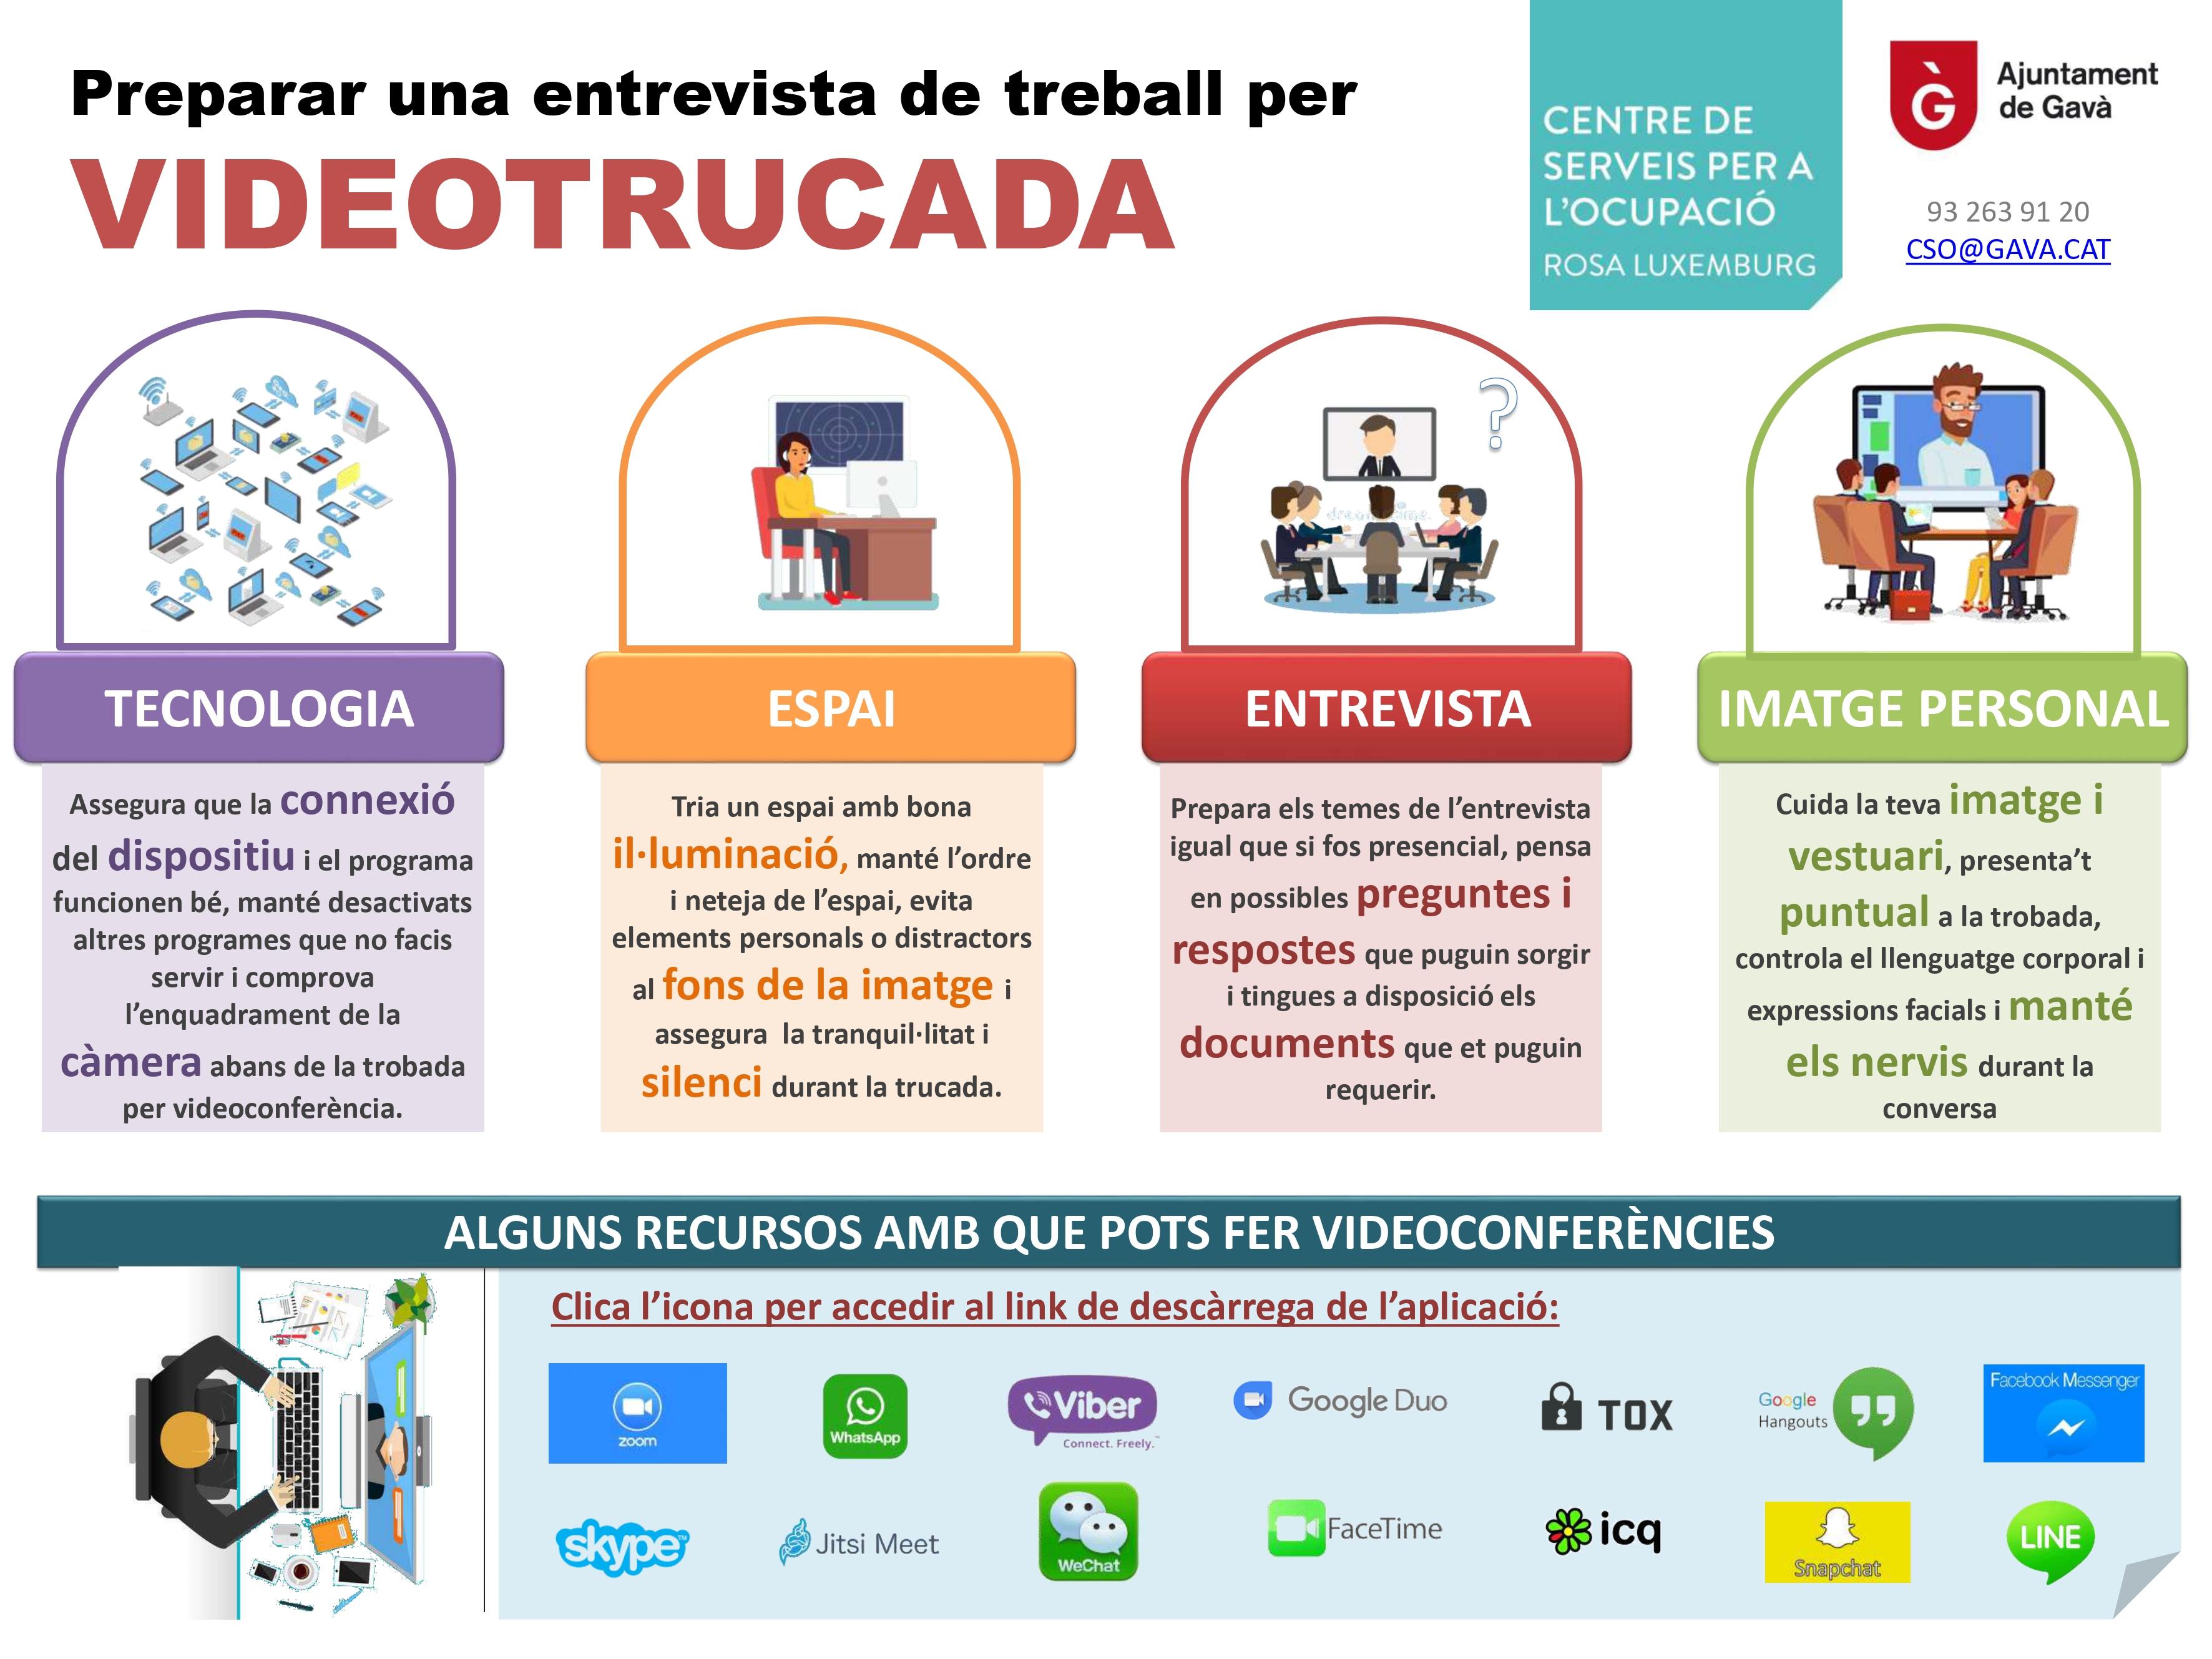 Infografia sobre consells i recursos per fer entrevistes de feina per videotrucada. Ajuntament de Gavà.